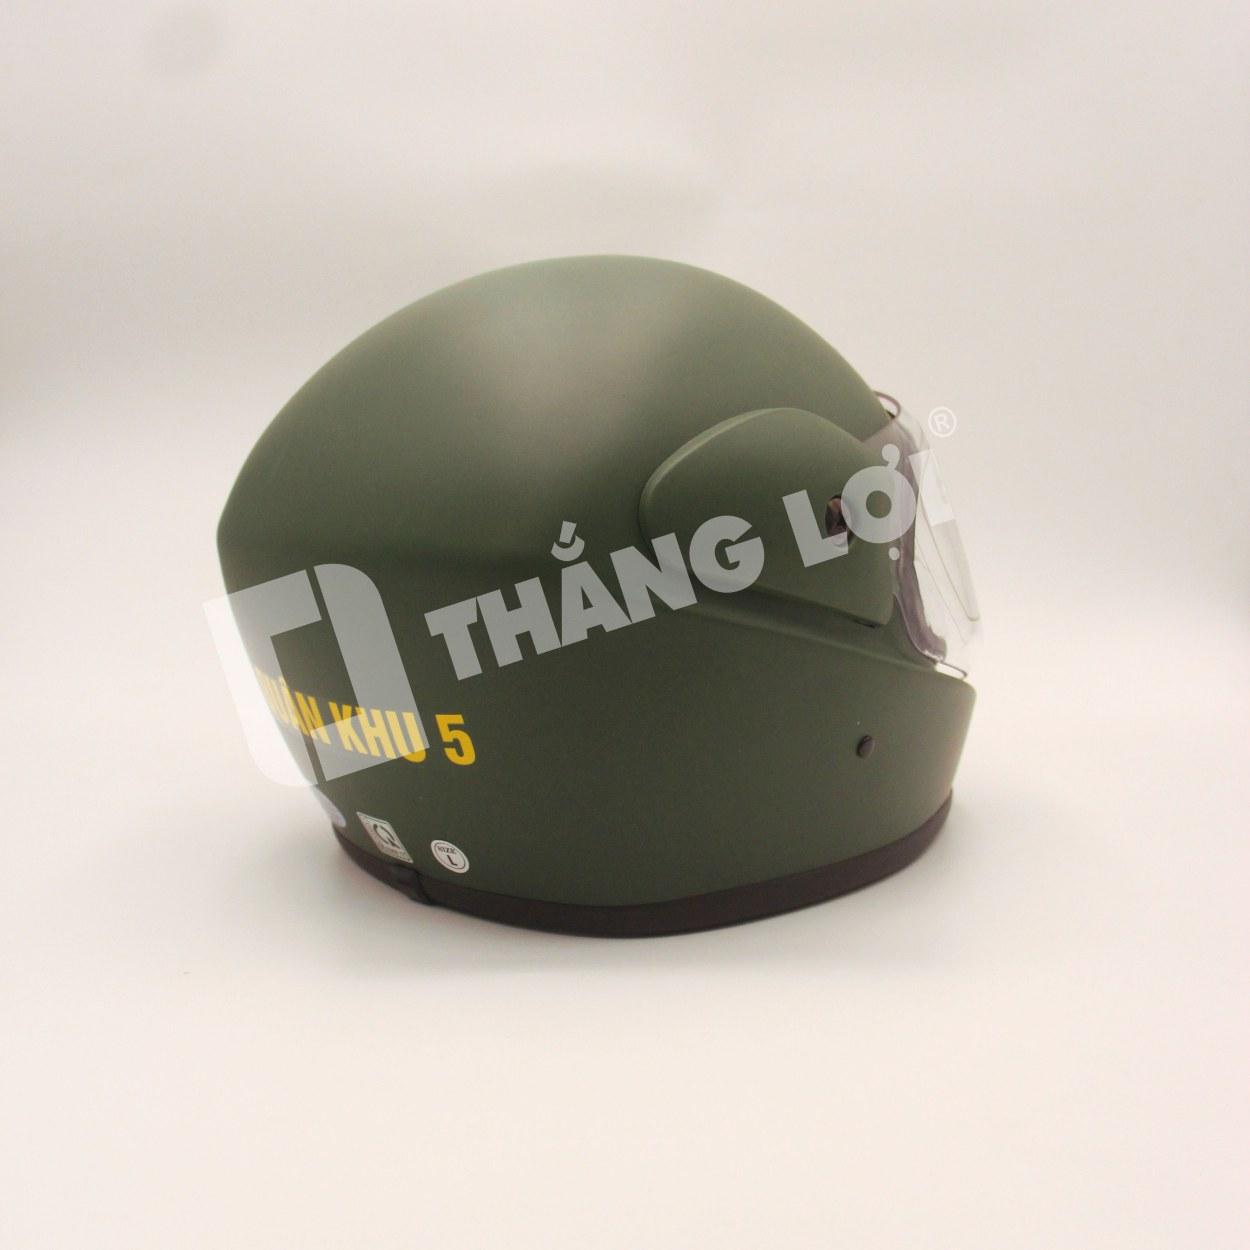 Không quá chú trọng về thiết kế, kiểu dáng, nhưng nón bảo hiểm fullface quân đội quân khu 5 lại được đánh giá rất cao về chất lượng